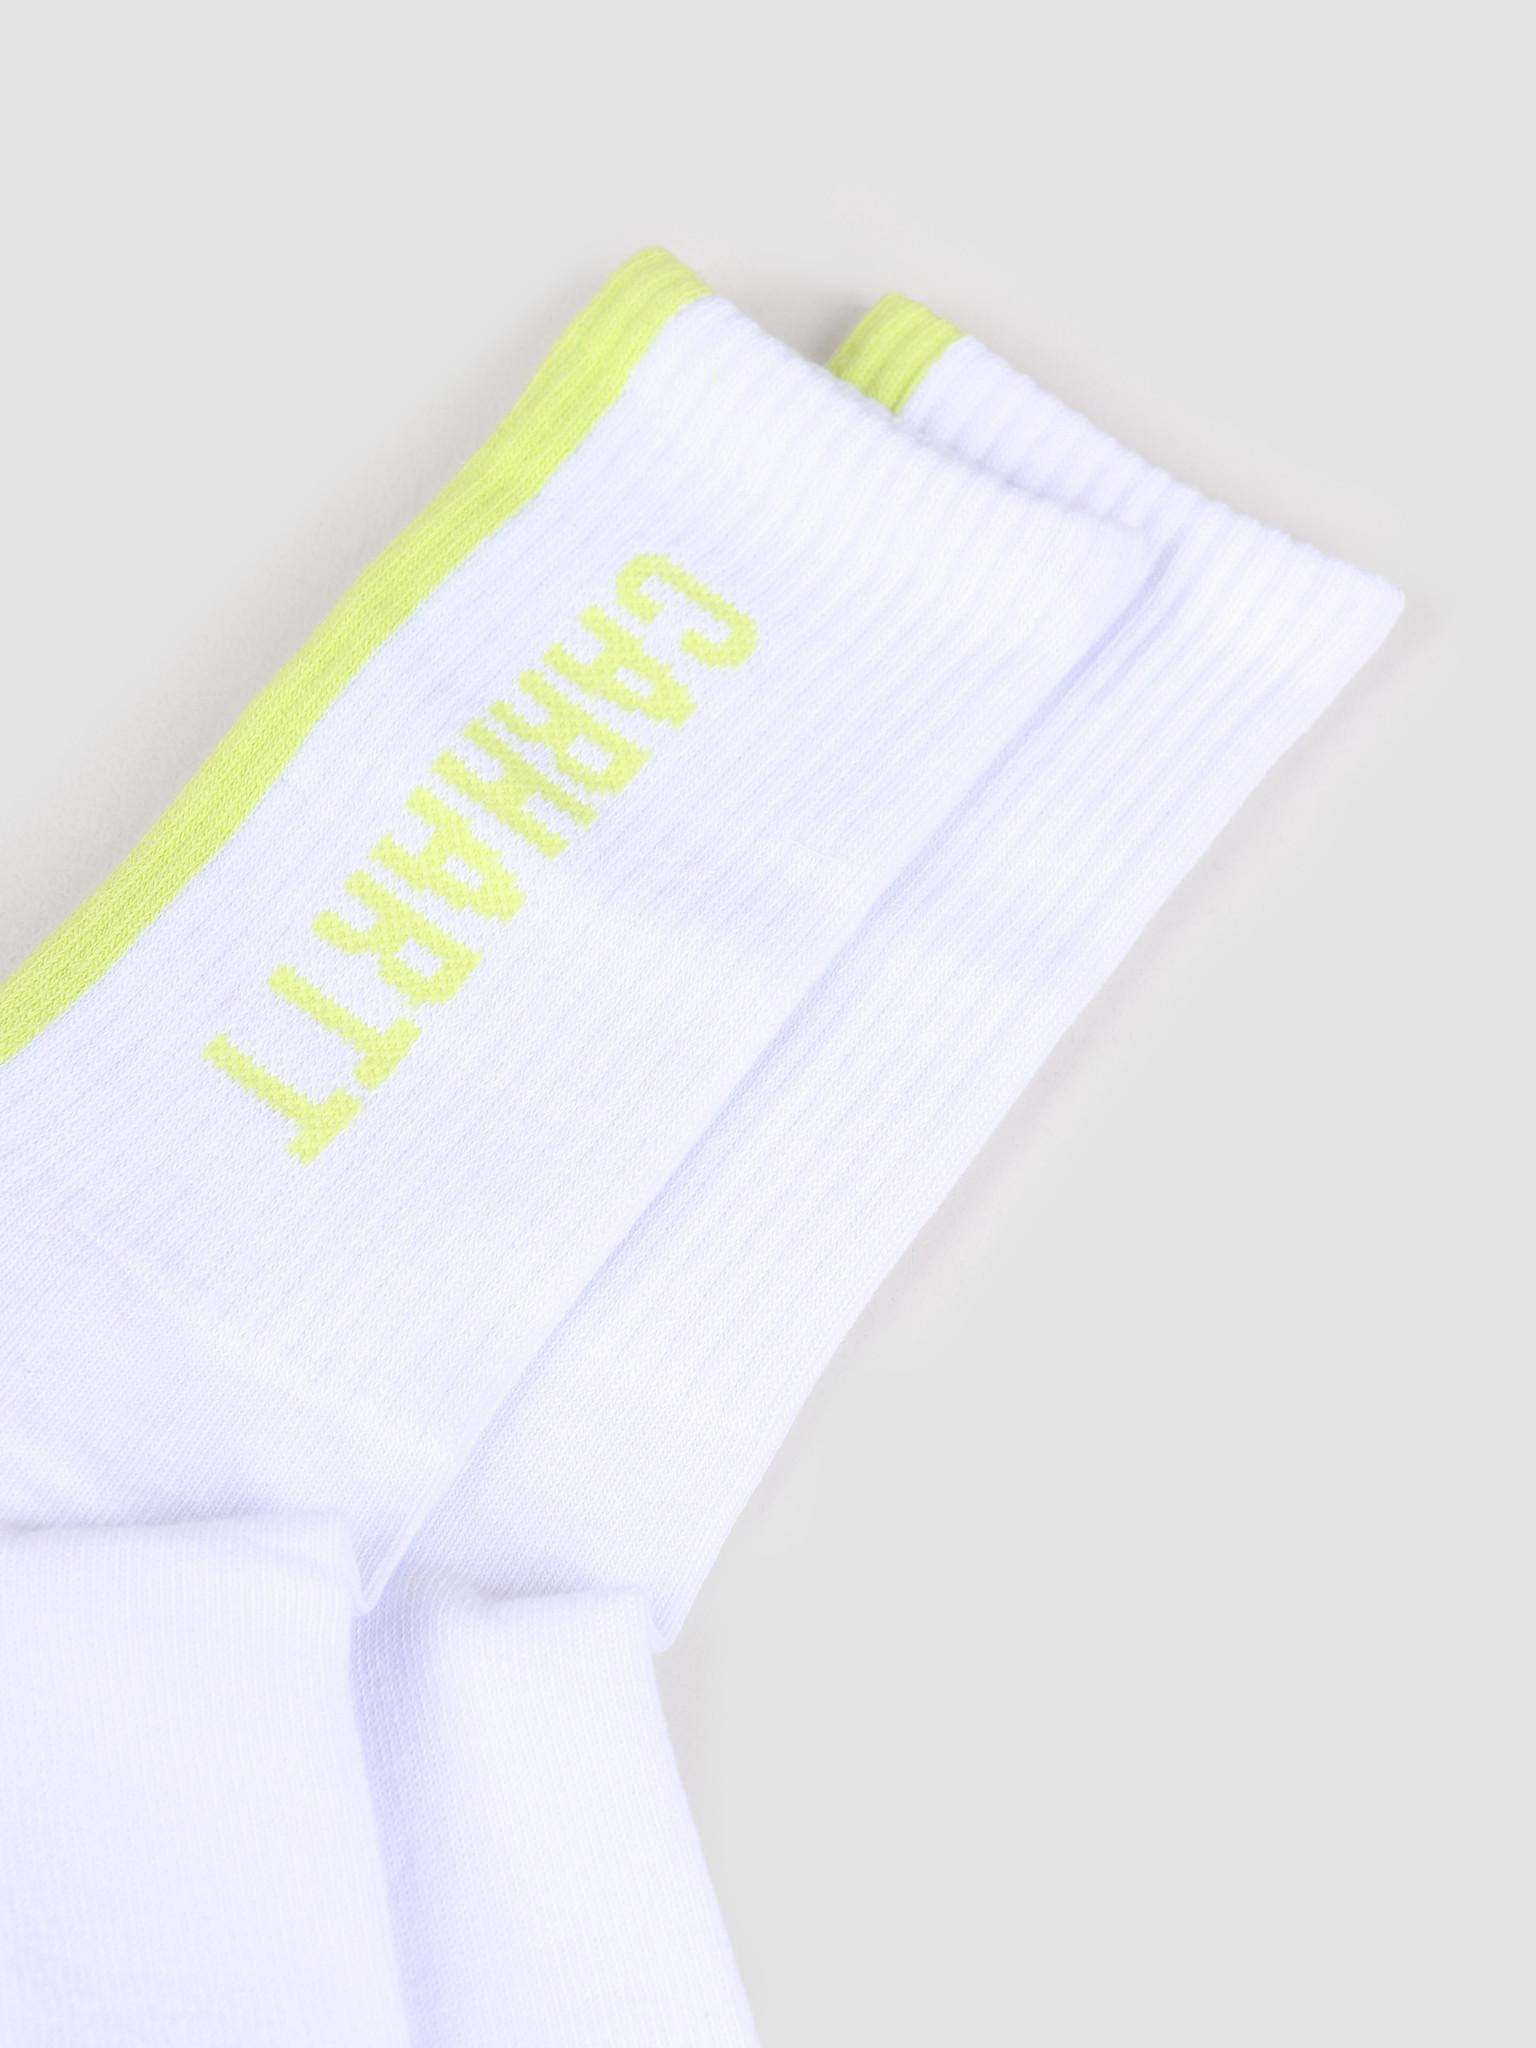 Carhartt WIP Carhartt WIP Turner Socks White Lime I027707-290